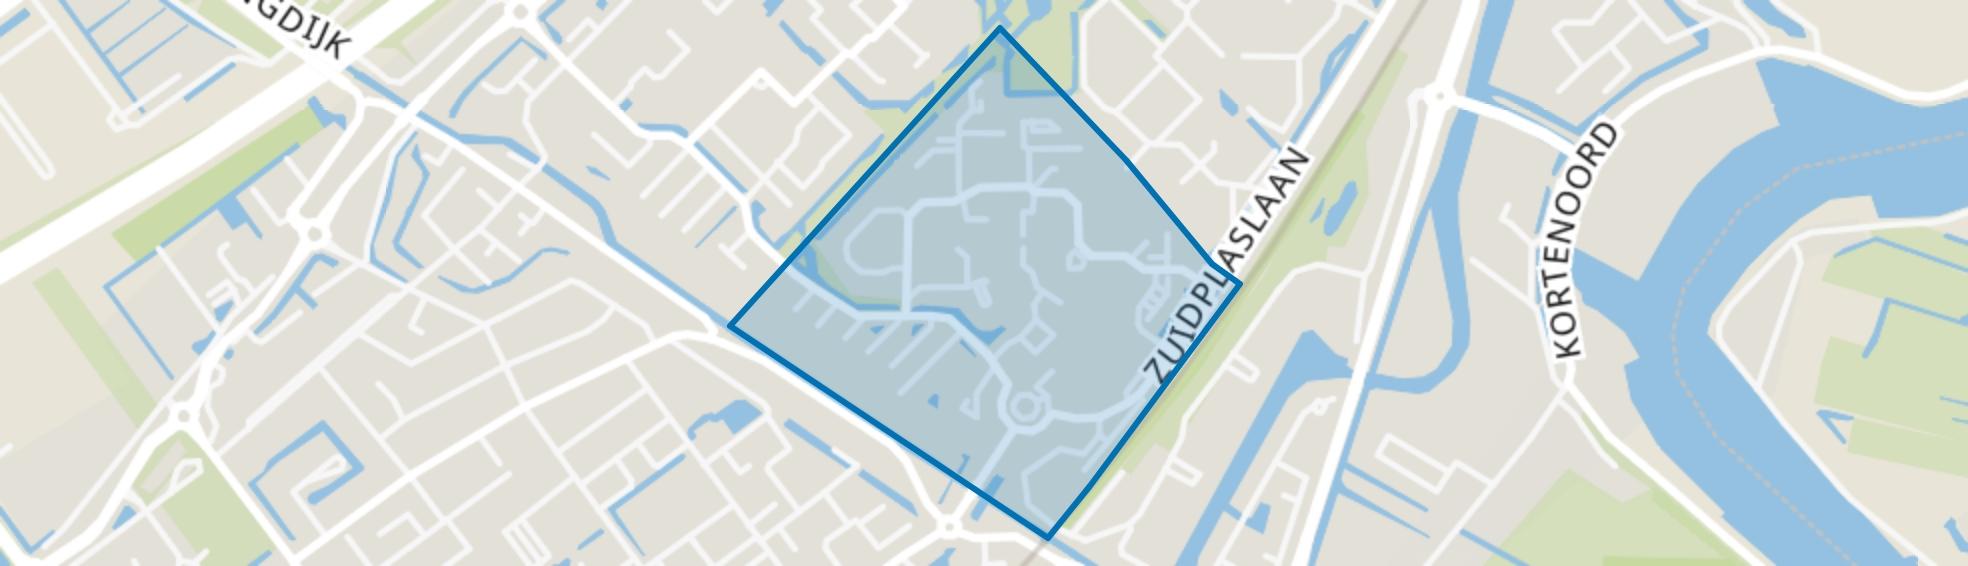 Zuidplas Dalen, Nieuwerkerk aan den IJssel map